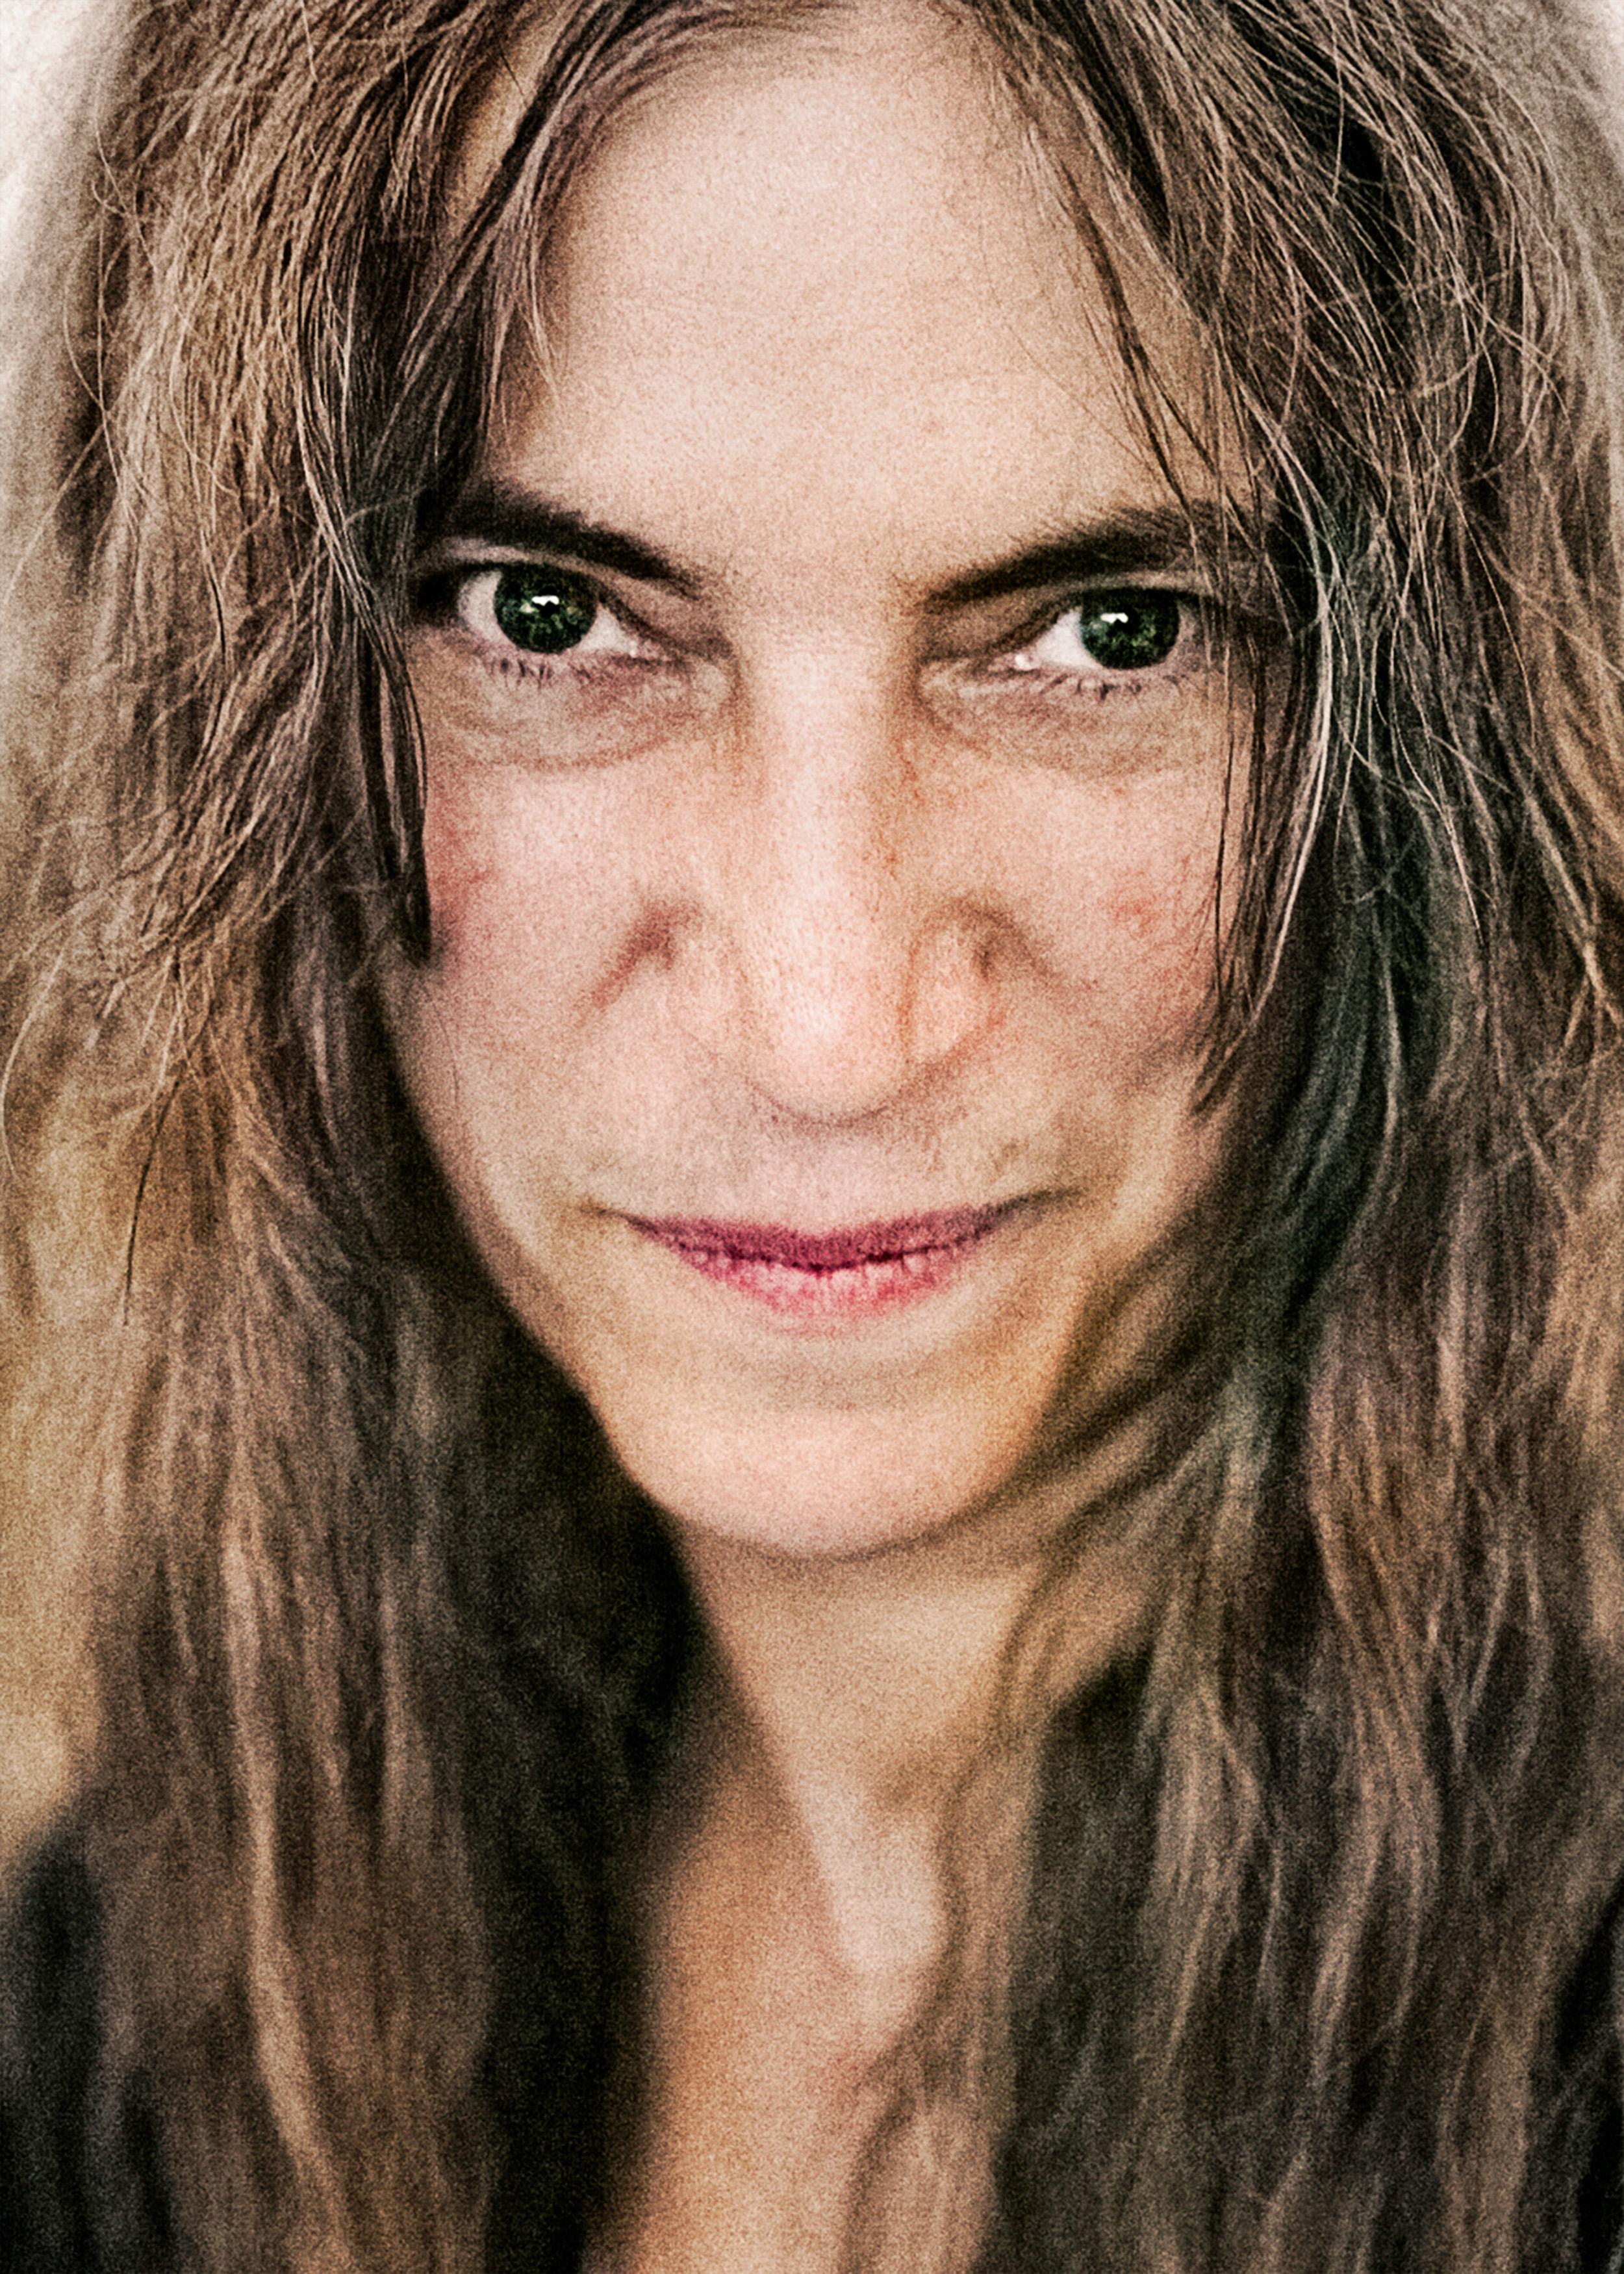 Avenches 17.8.2002 — Patti Smith. Foto: Daniel Rihs / 13 Photo